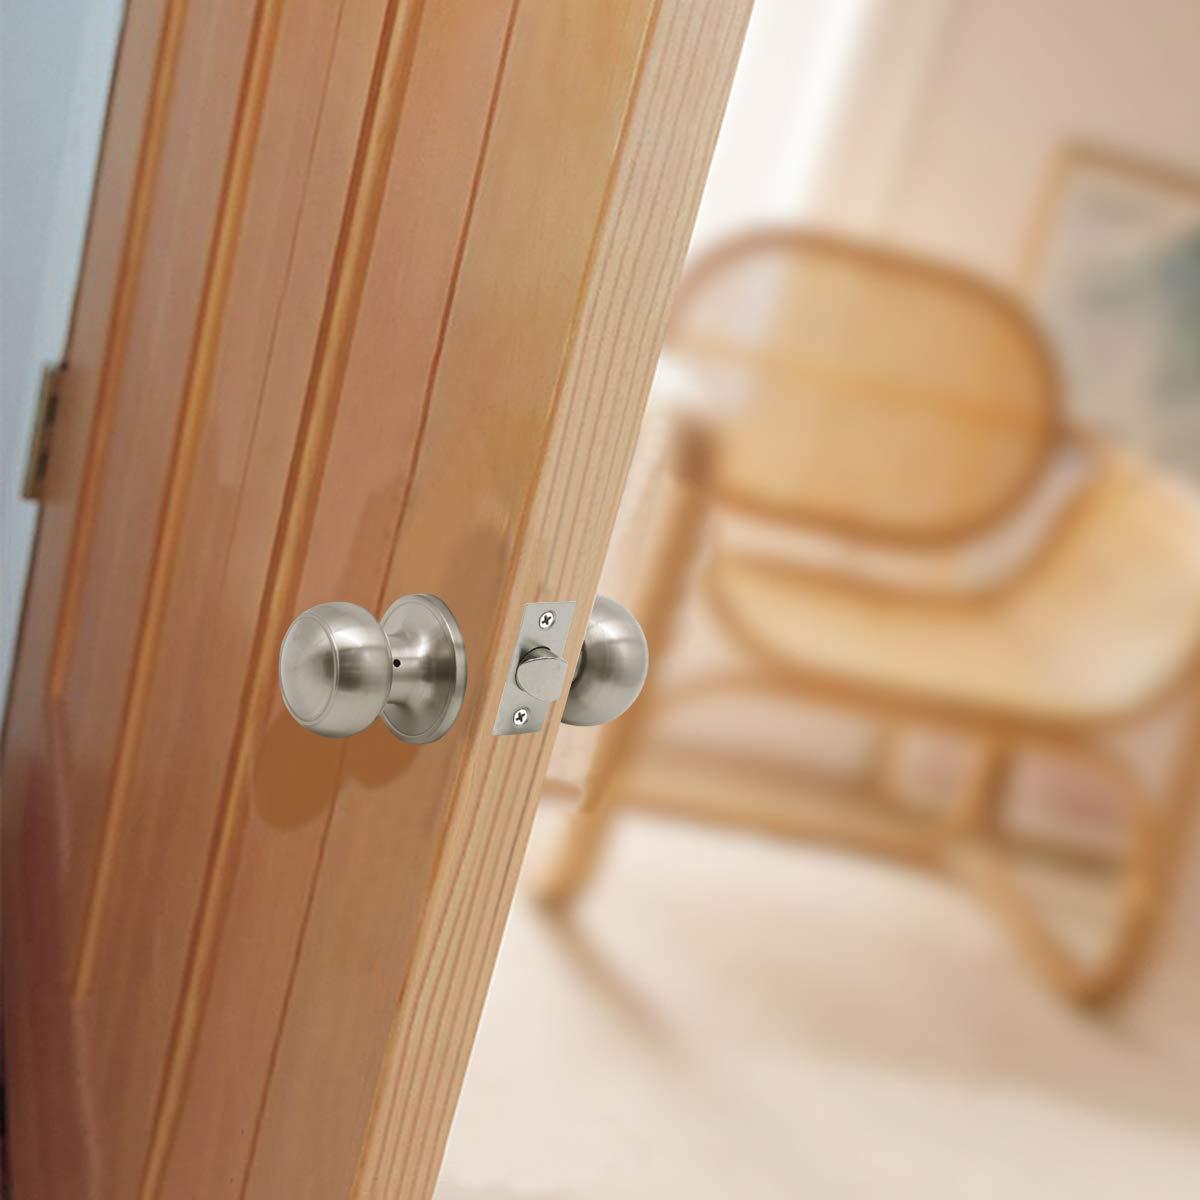 8 Pack Probrico Interior Passage Keyless Door Knobs Door Lock Handle Handleset Lockset Without Key Doorknobs Satin Nickel for Hall/Closet-Door Knob 609 by Probrico (Image #4)